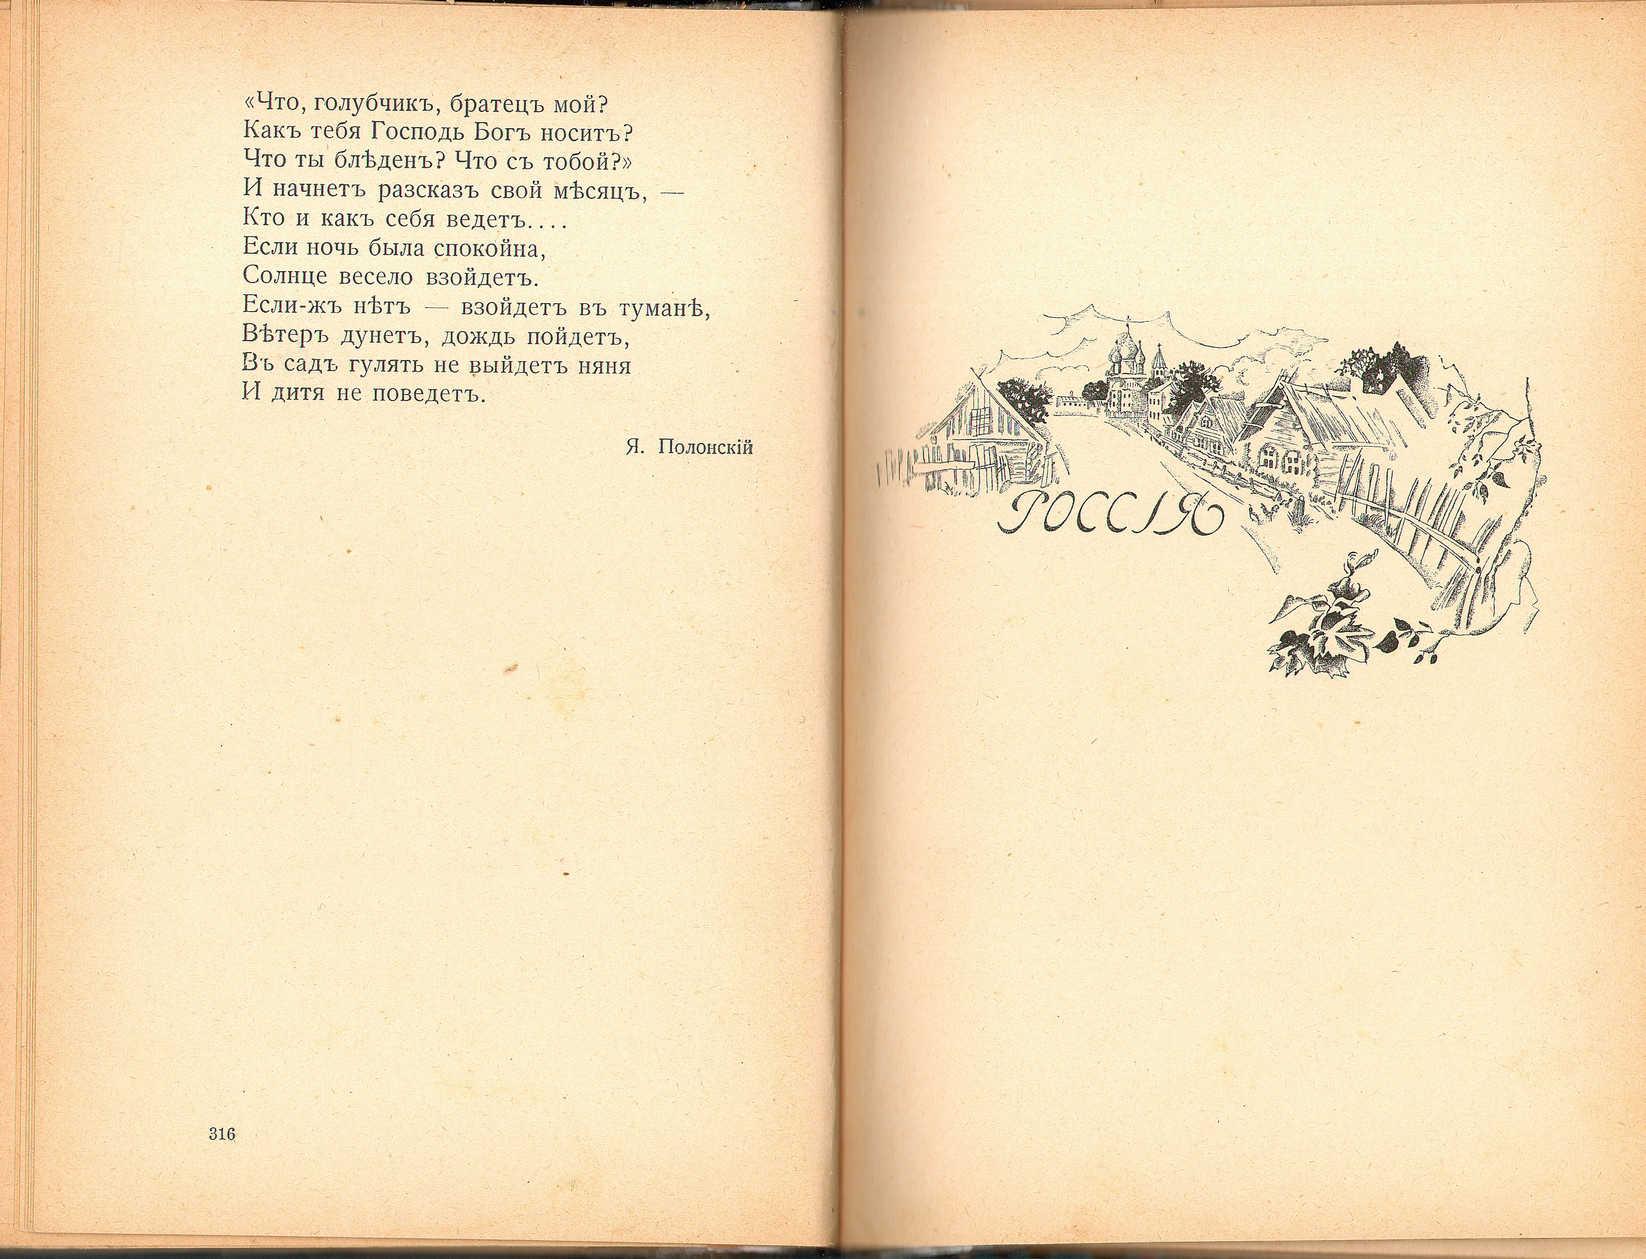 Детский поэтический сборник «Радуга» (1922, Берлин, изд-во «Слово», сост. Саша Черный)